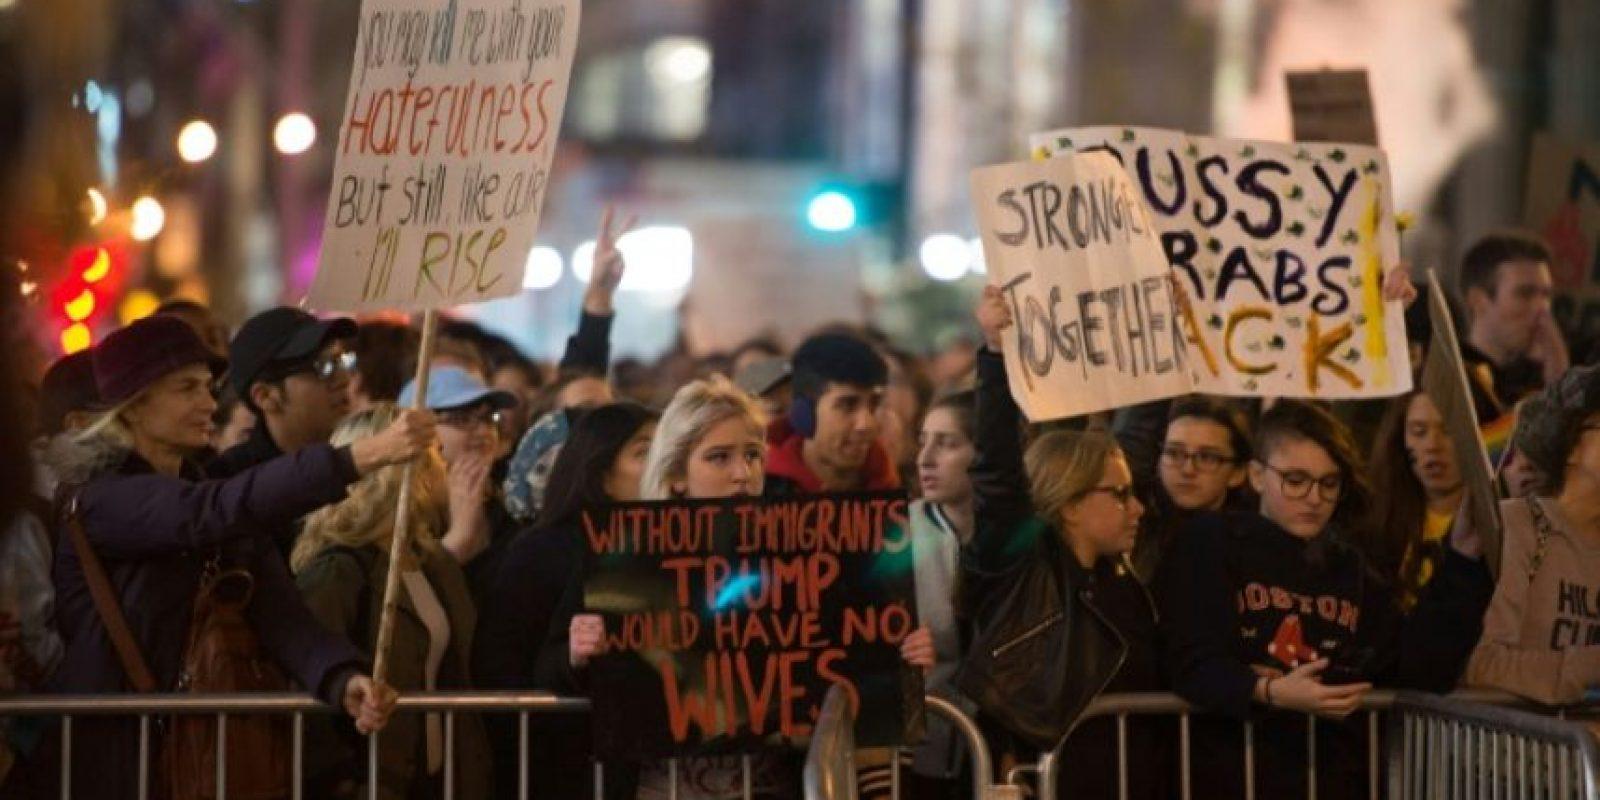 Un grupo de personas marcha en protesta de la elección de Donald Trump como presidente de EEUU el 11 de noviembre de 2016 en Nueva York Foto:Bryan R. Smith/afp.com